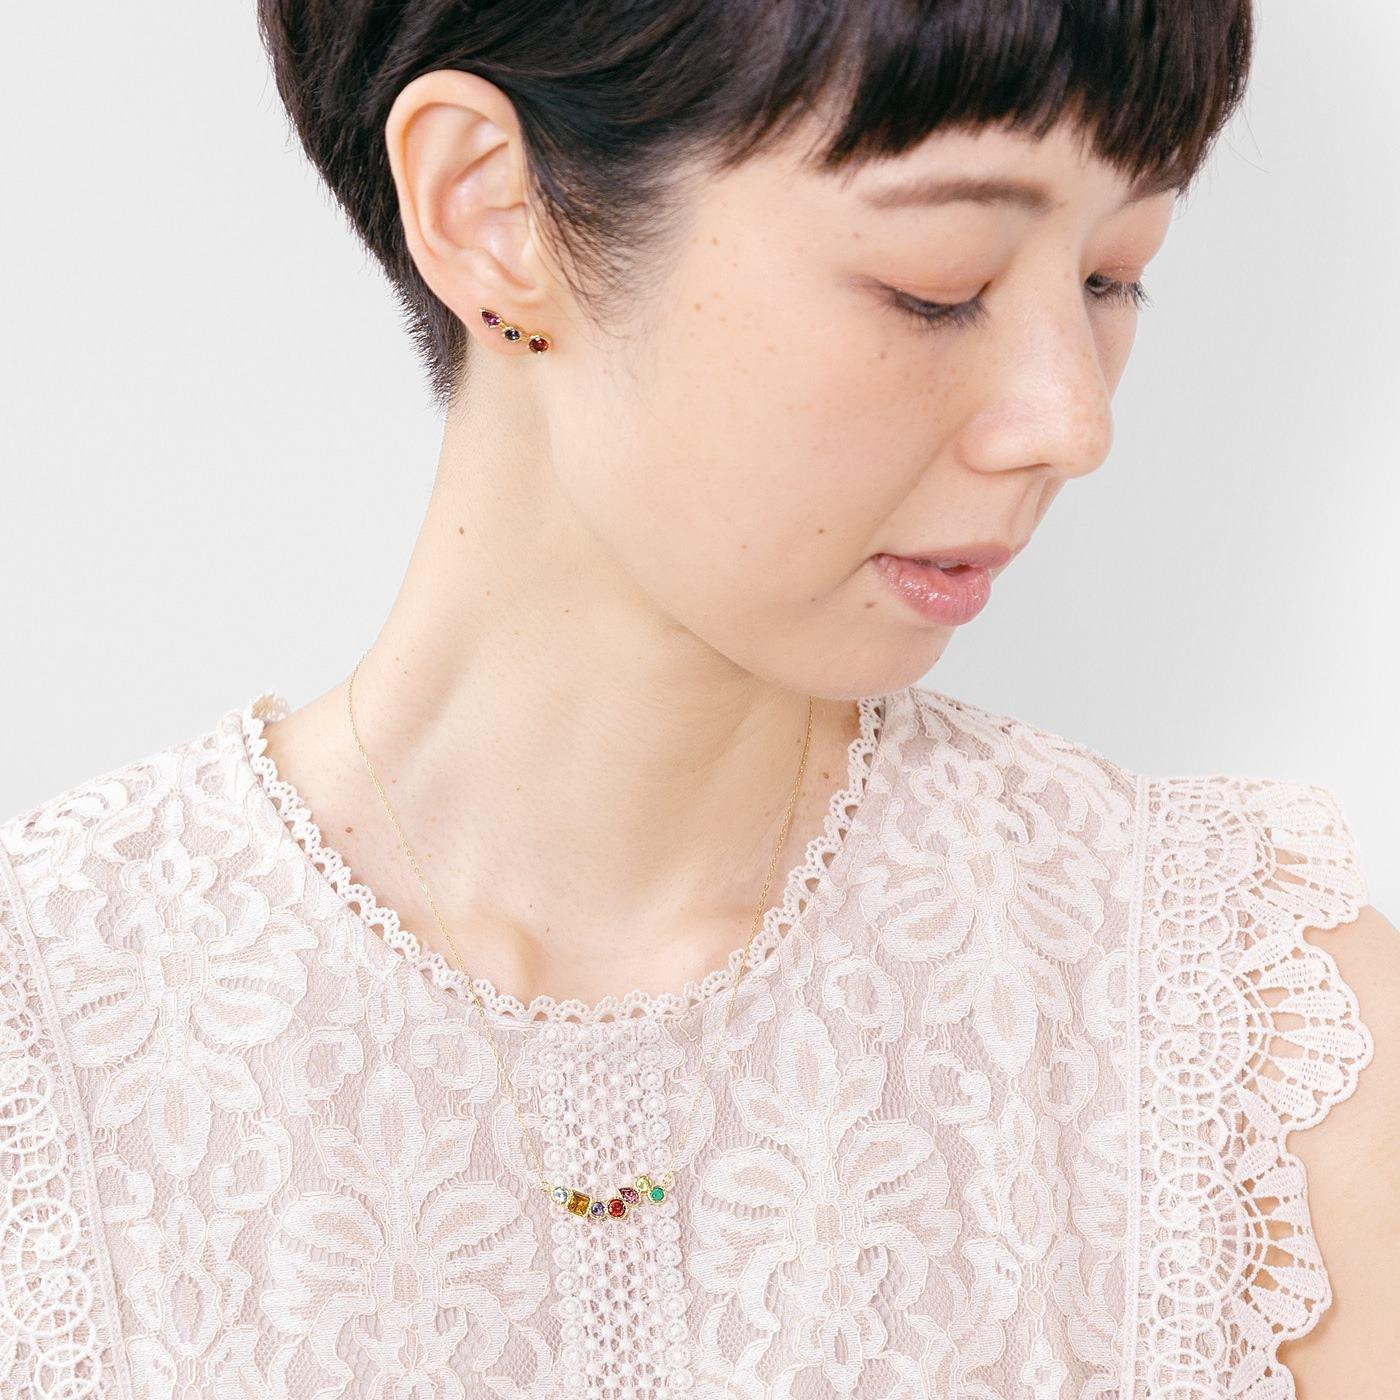 UP.de 7色の石のお守り アミュレット感覚のネックレス